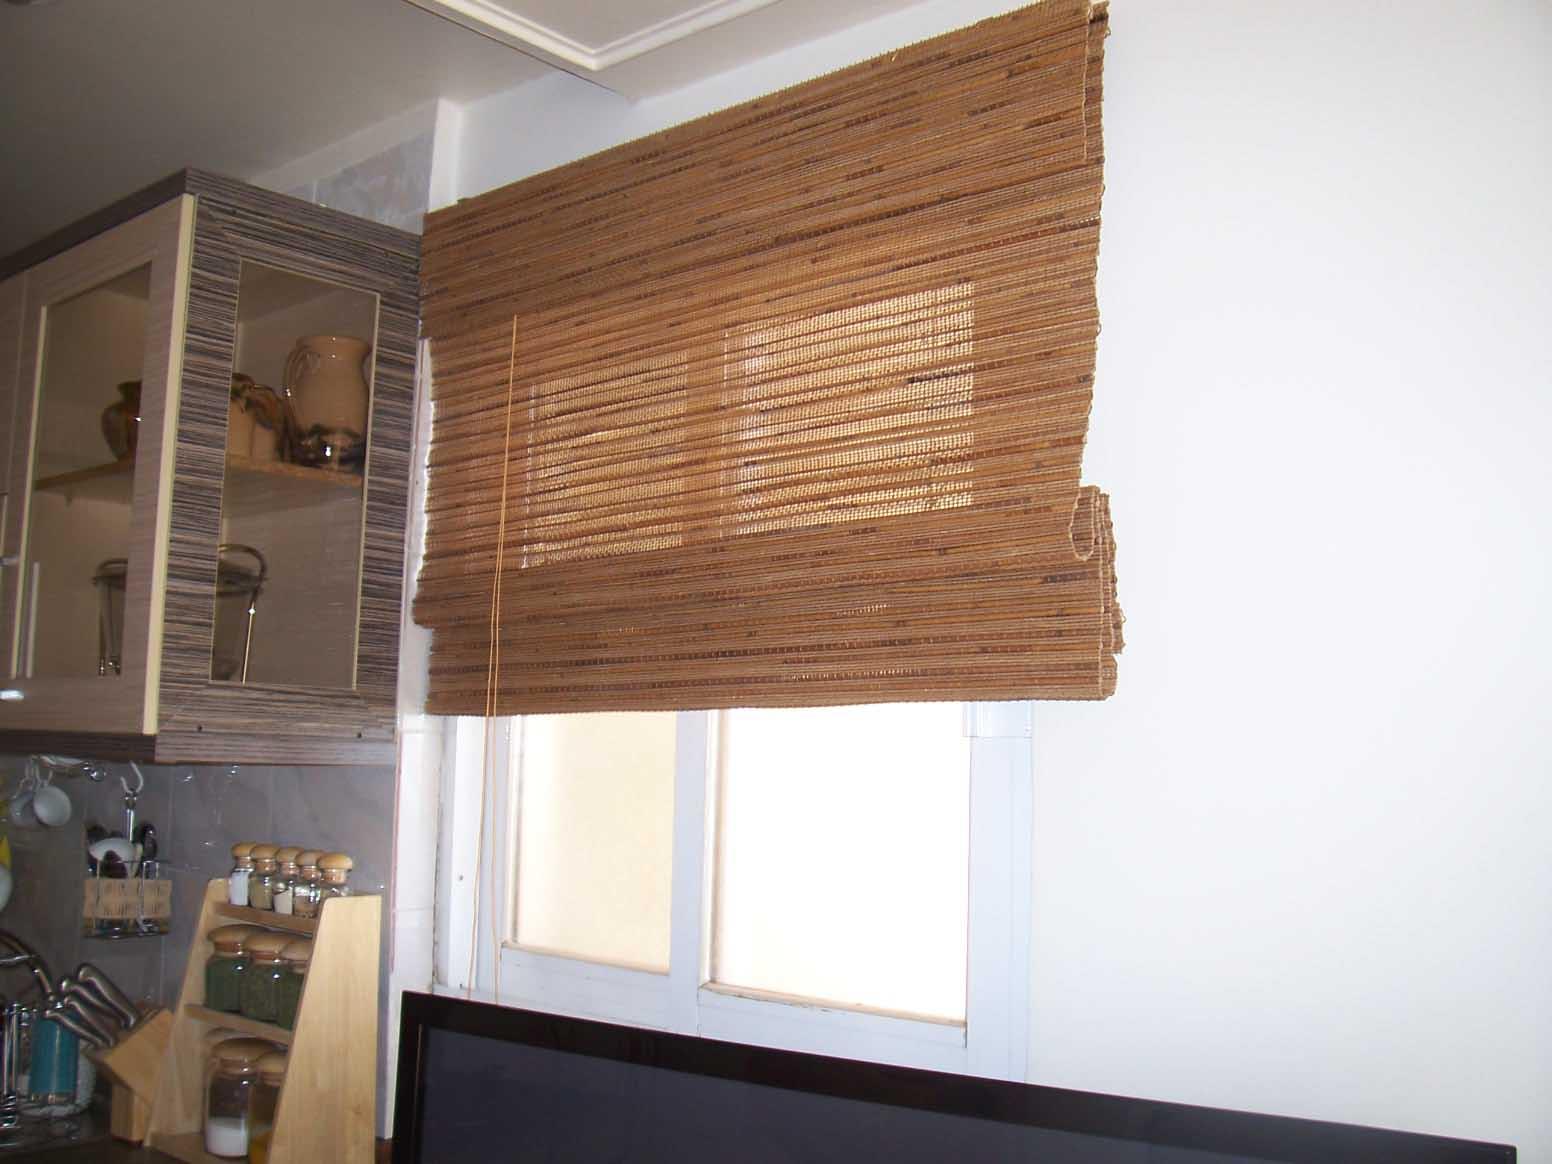 چگونه می توان خانه را بدون کولر خنک کرد؟- پایگاه اینترنتی دانستنی در ایران